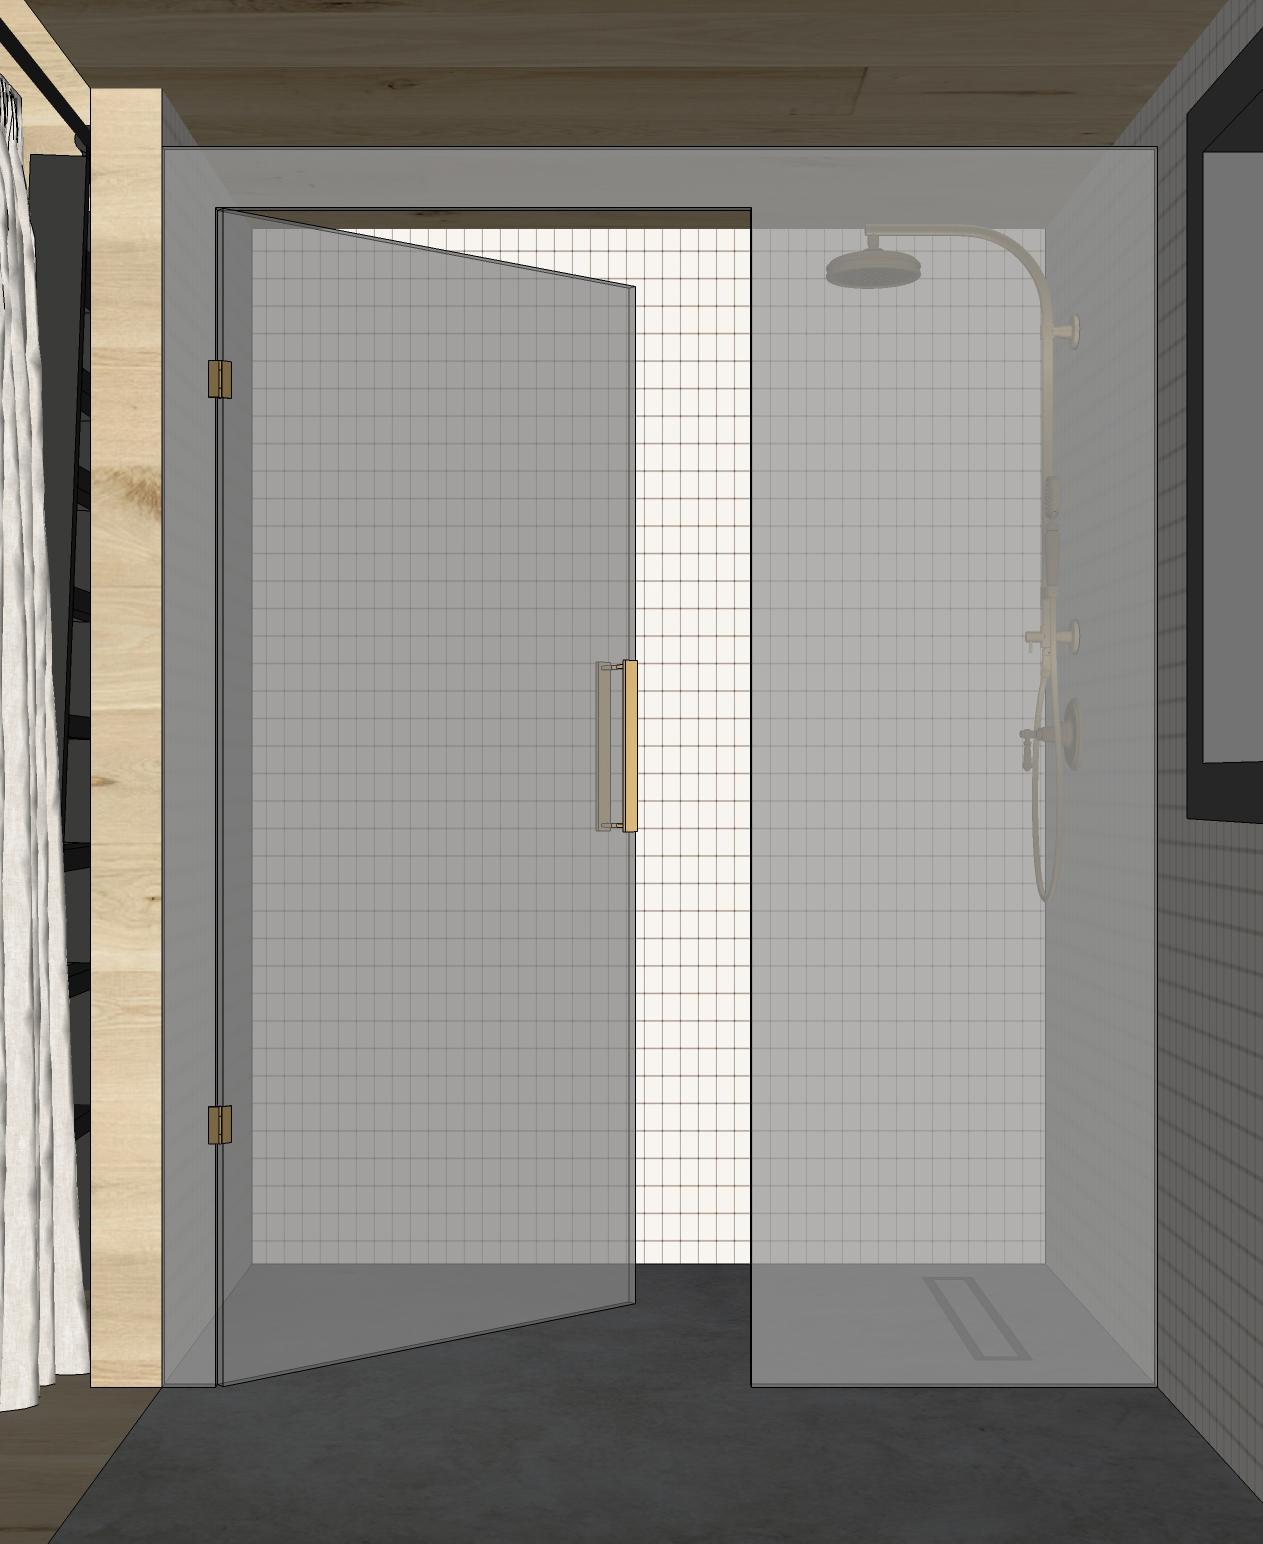 Tiny House Interior 5.jpg